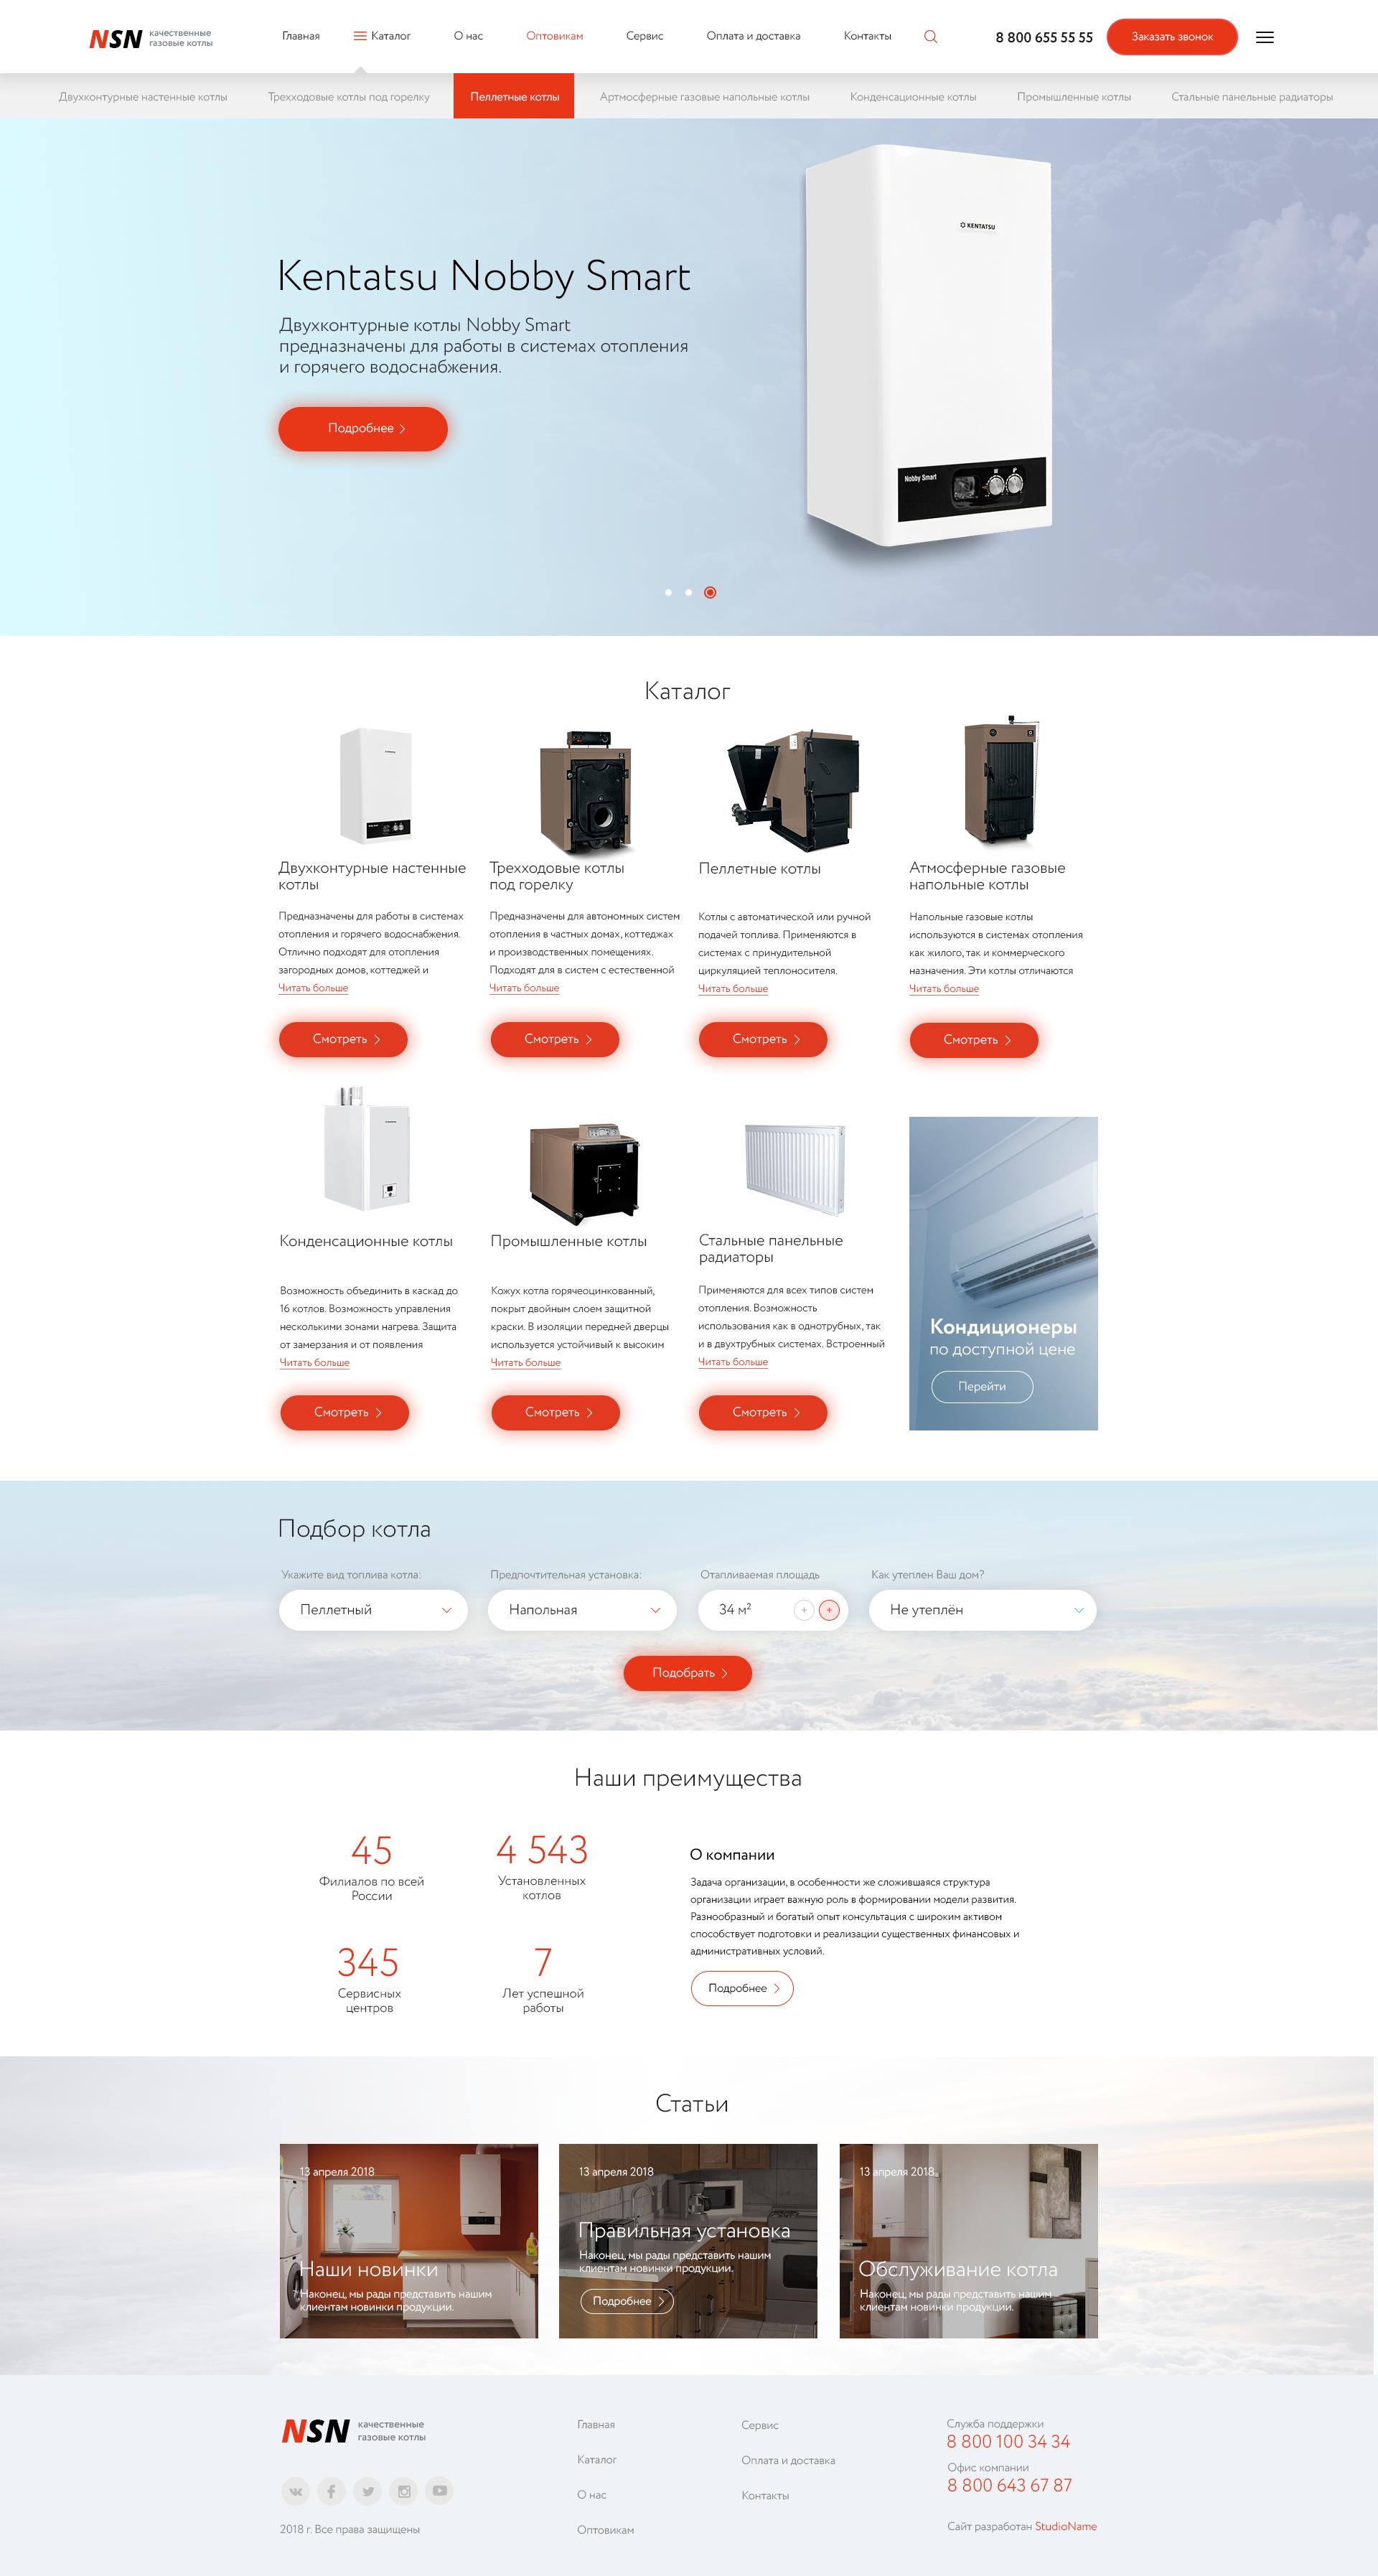 NSN Качественные газовые котлы - дизайн многостраничного сайта